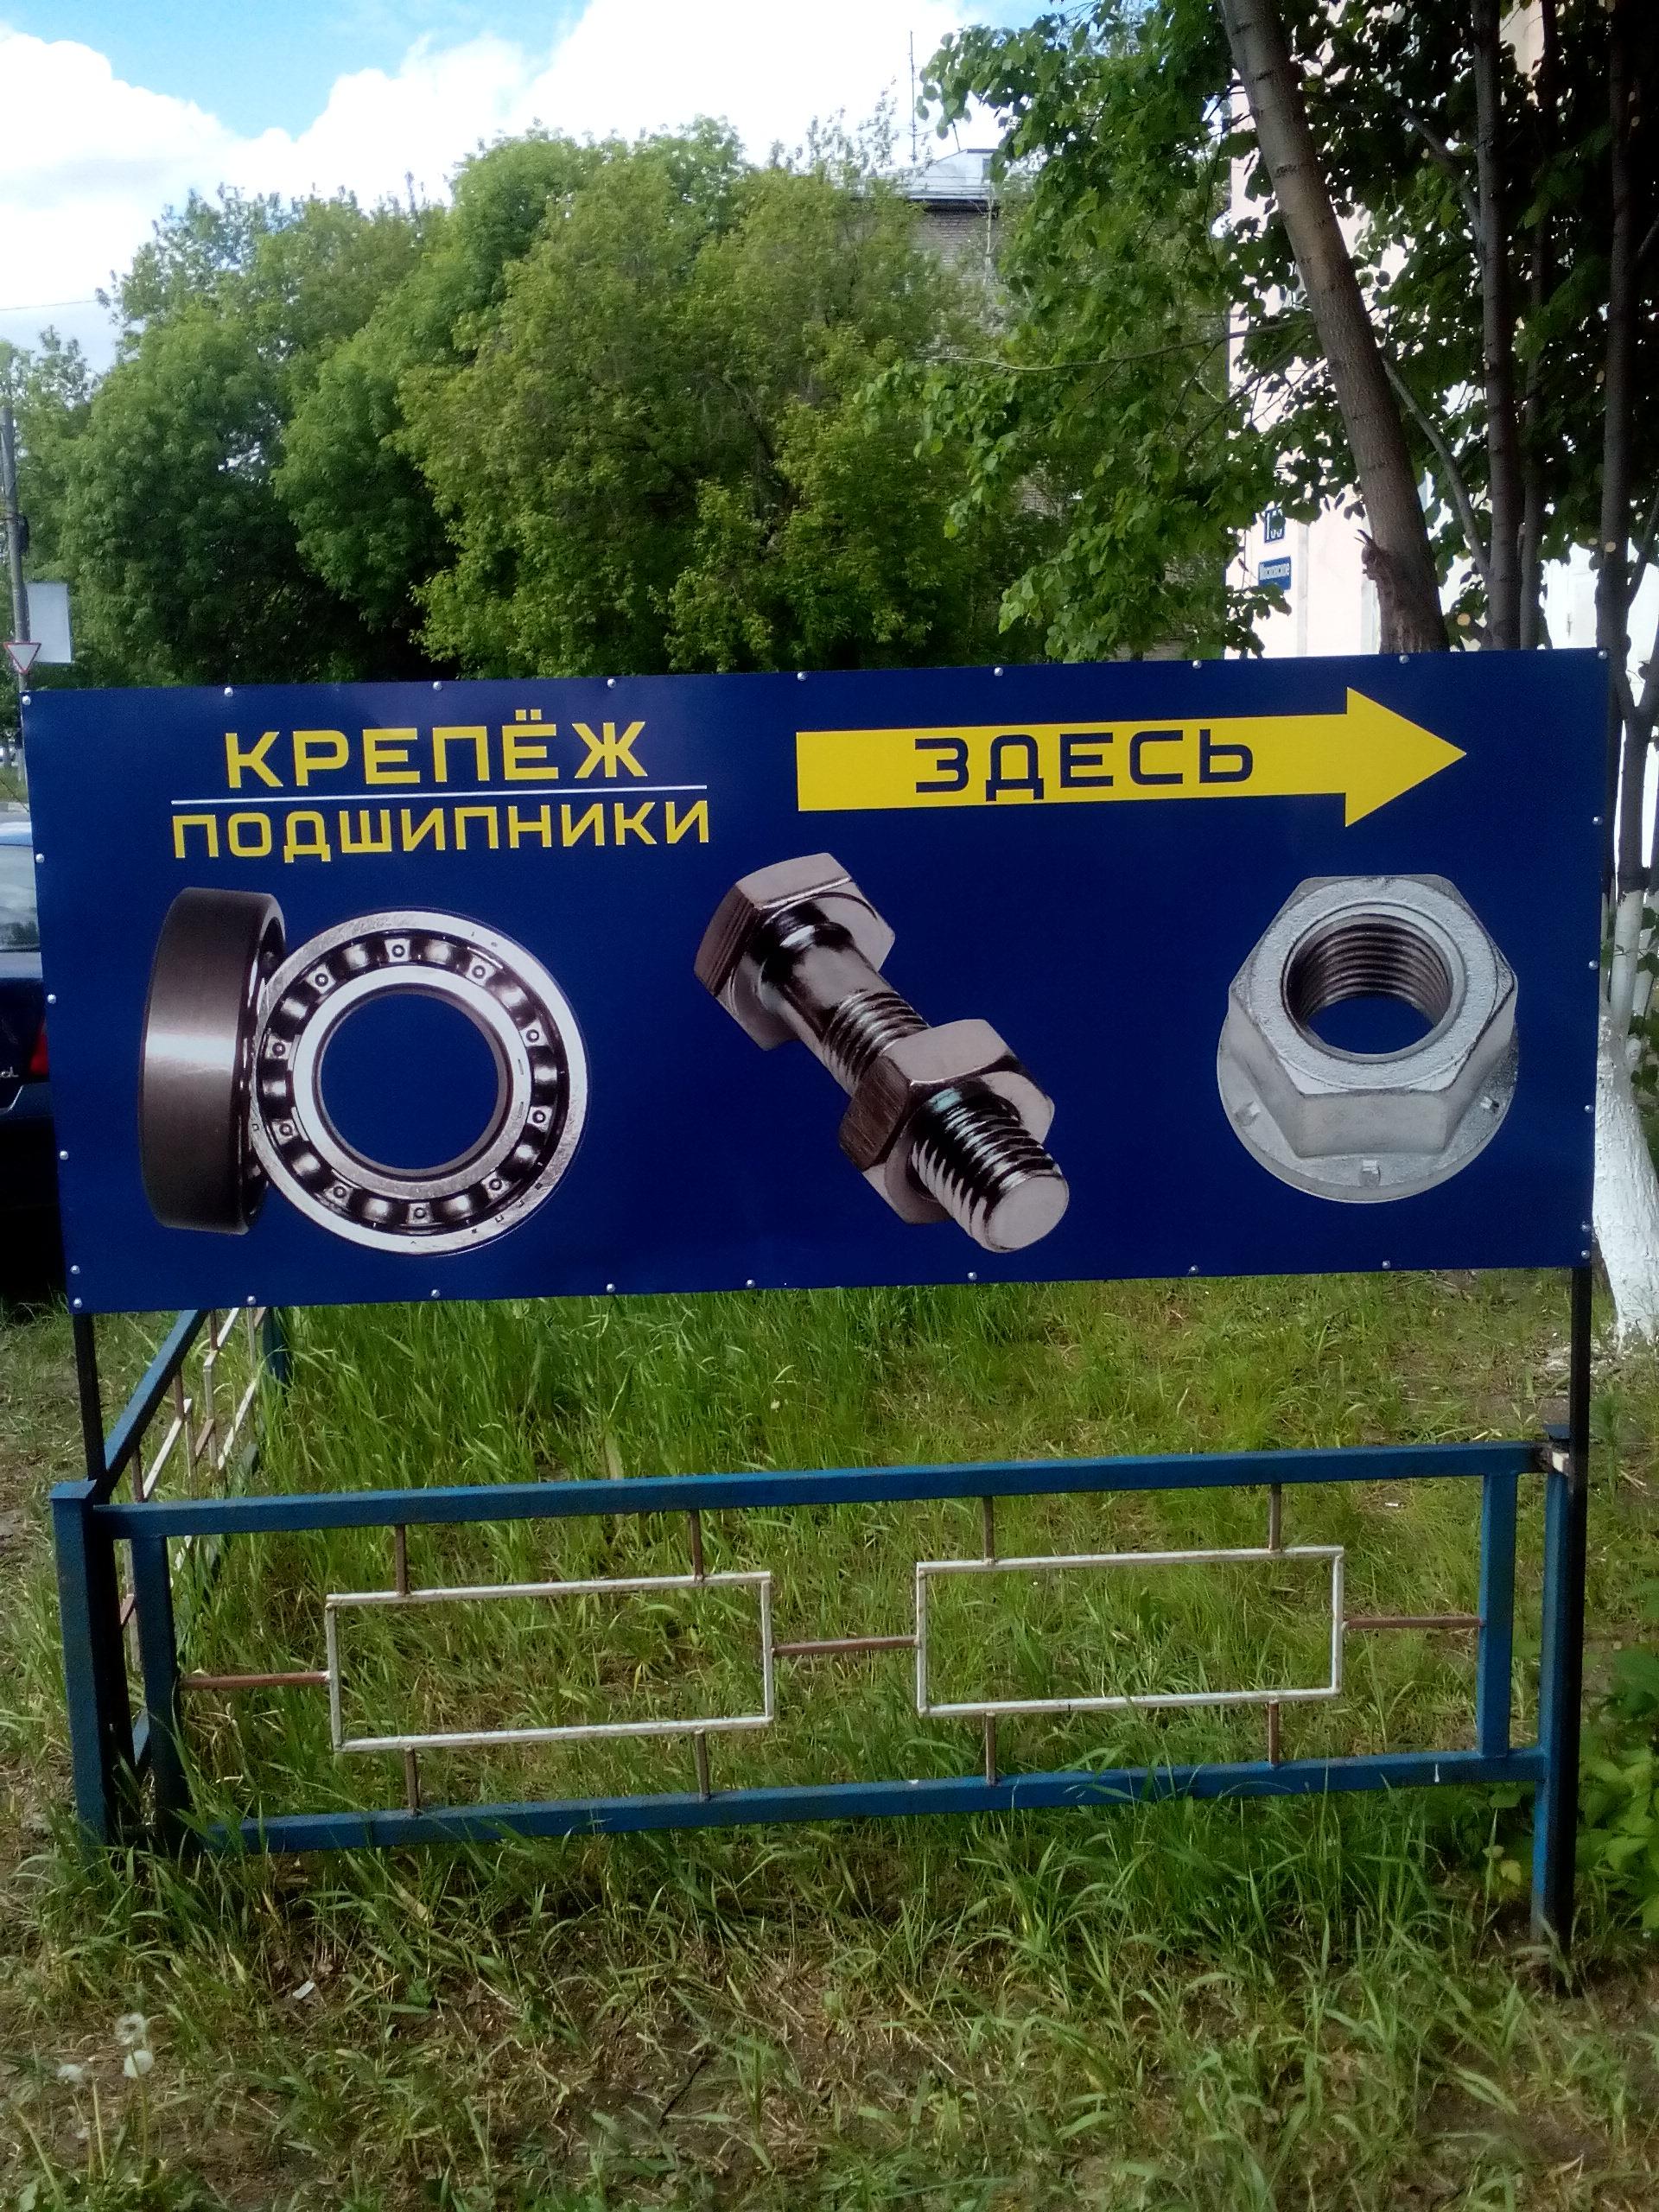 и так...мы открылись. Московское шоссе 159. барыжить будем подшипниками, строительным крепежом, и в дальнейшем автокрепежом( пластиковые клипсы для иномарок)